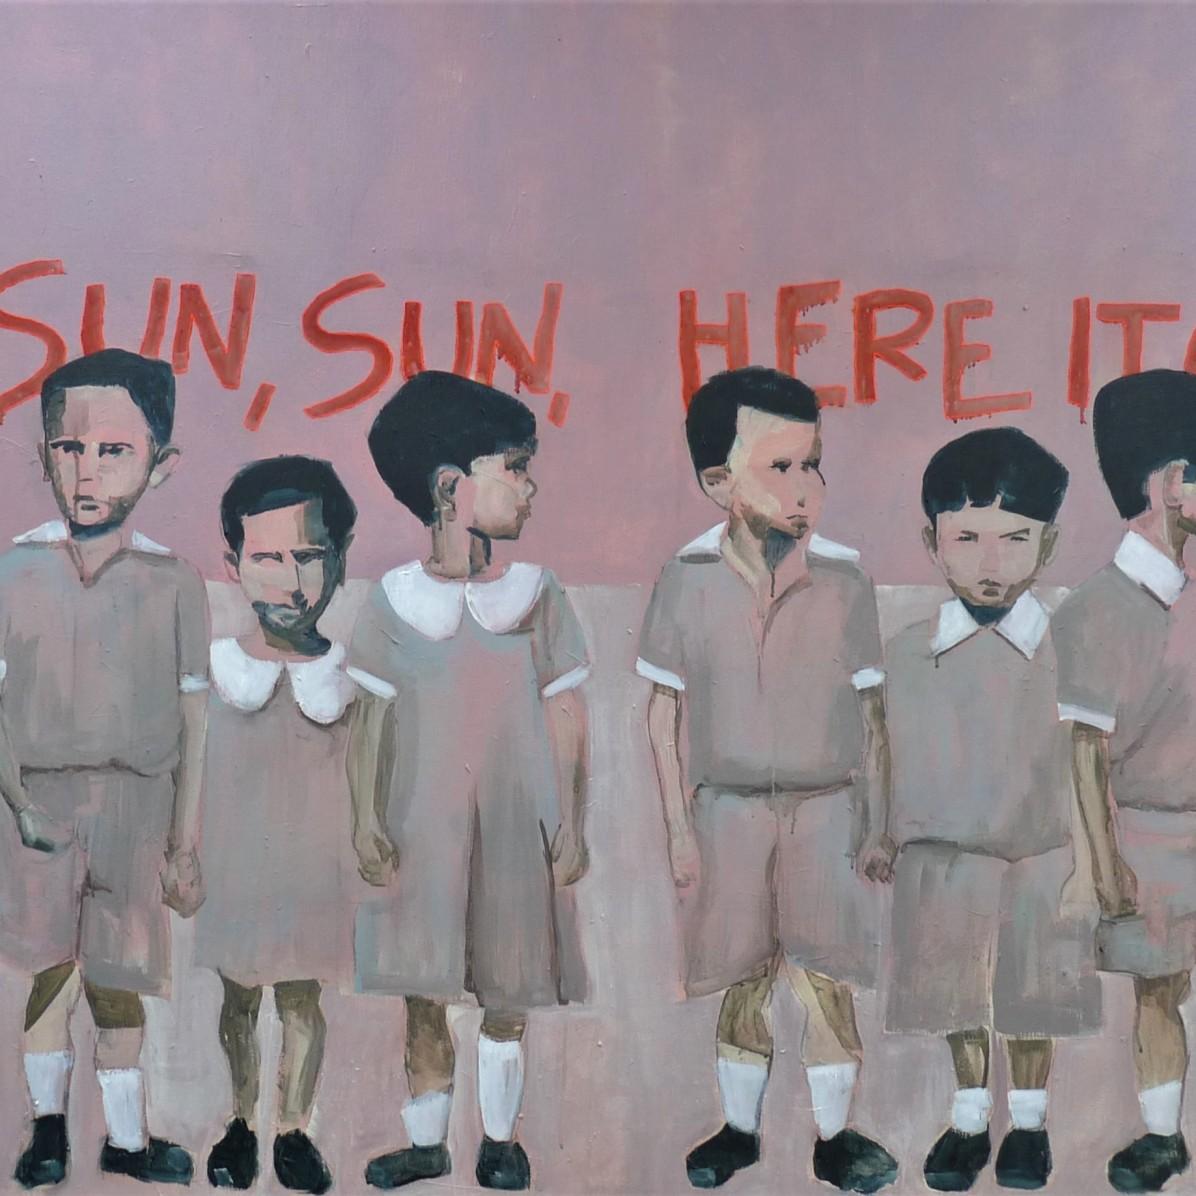 #15 - SOLD - 120 x 200 cm - Acrylverf en borduurgaren op canvas